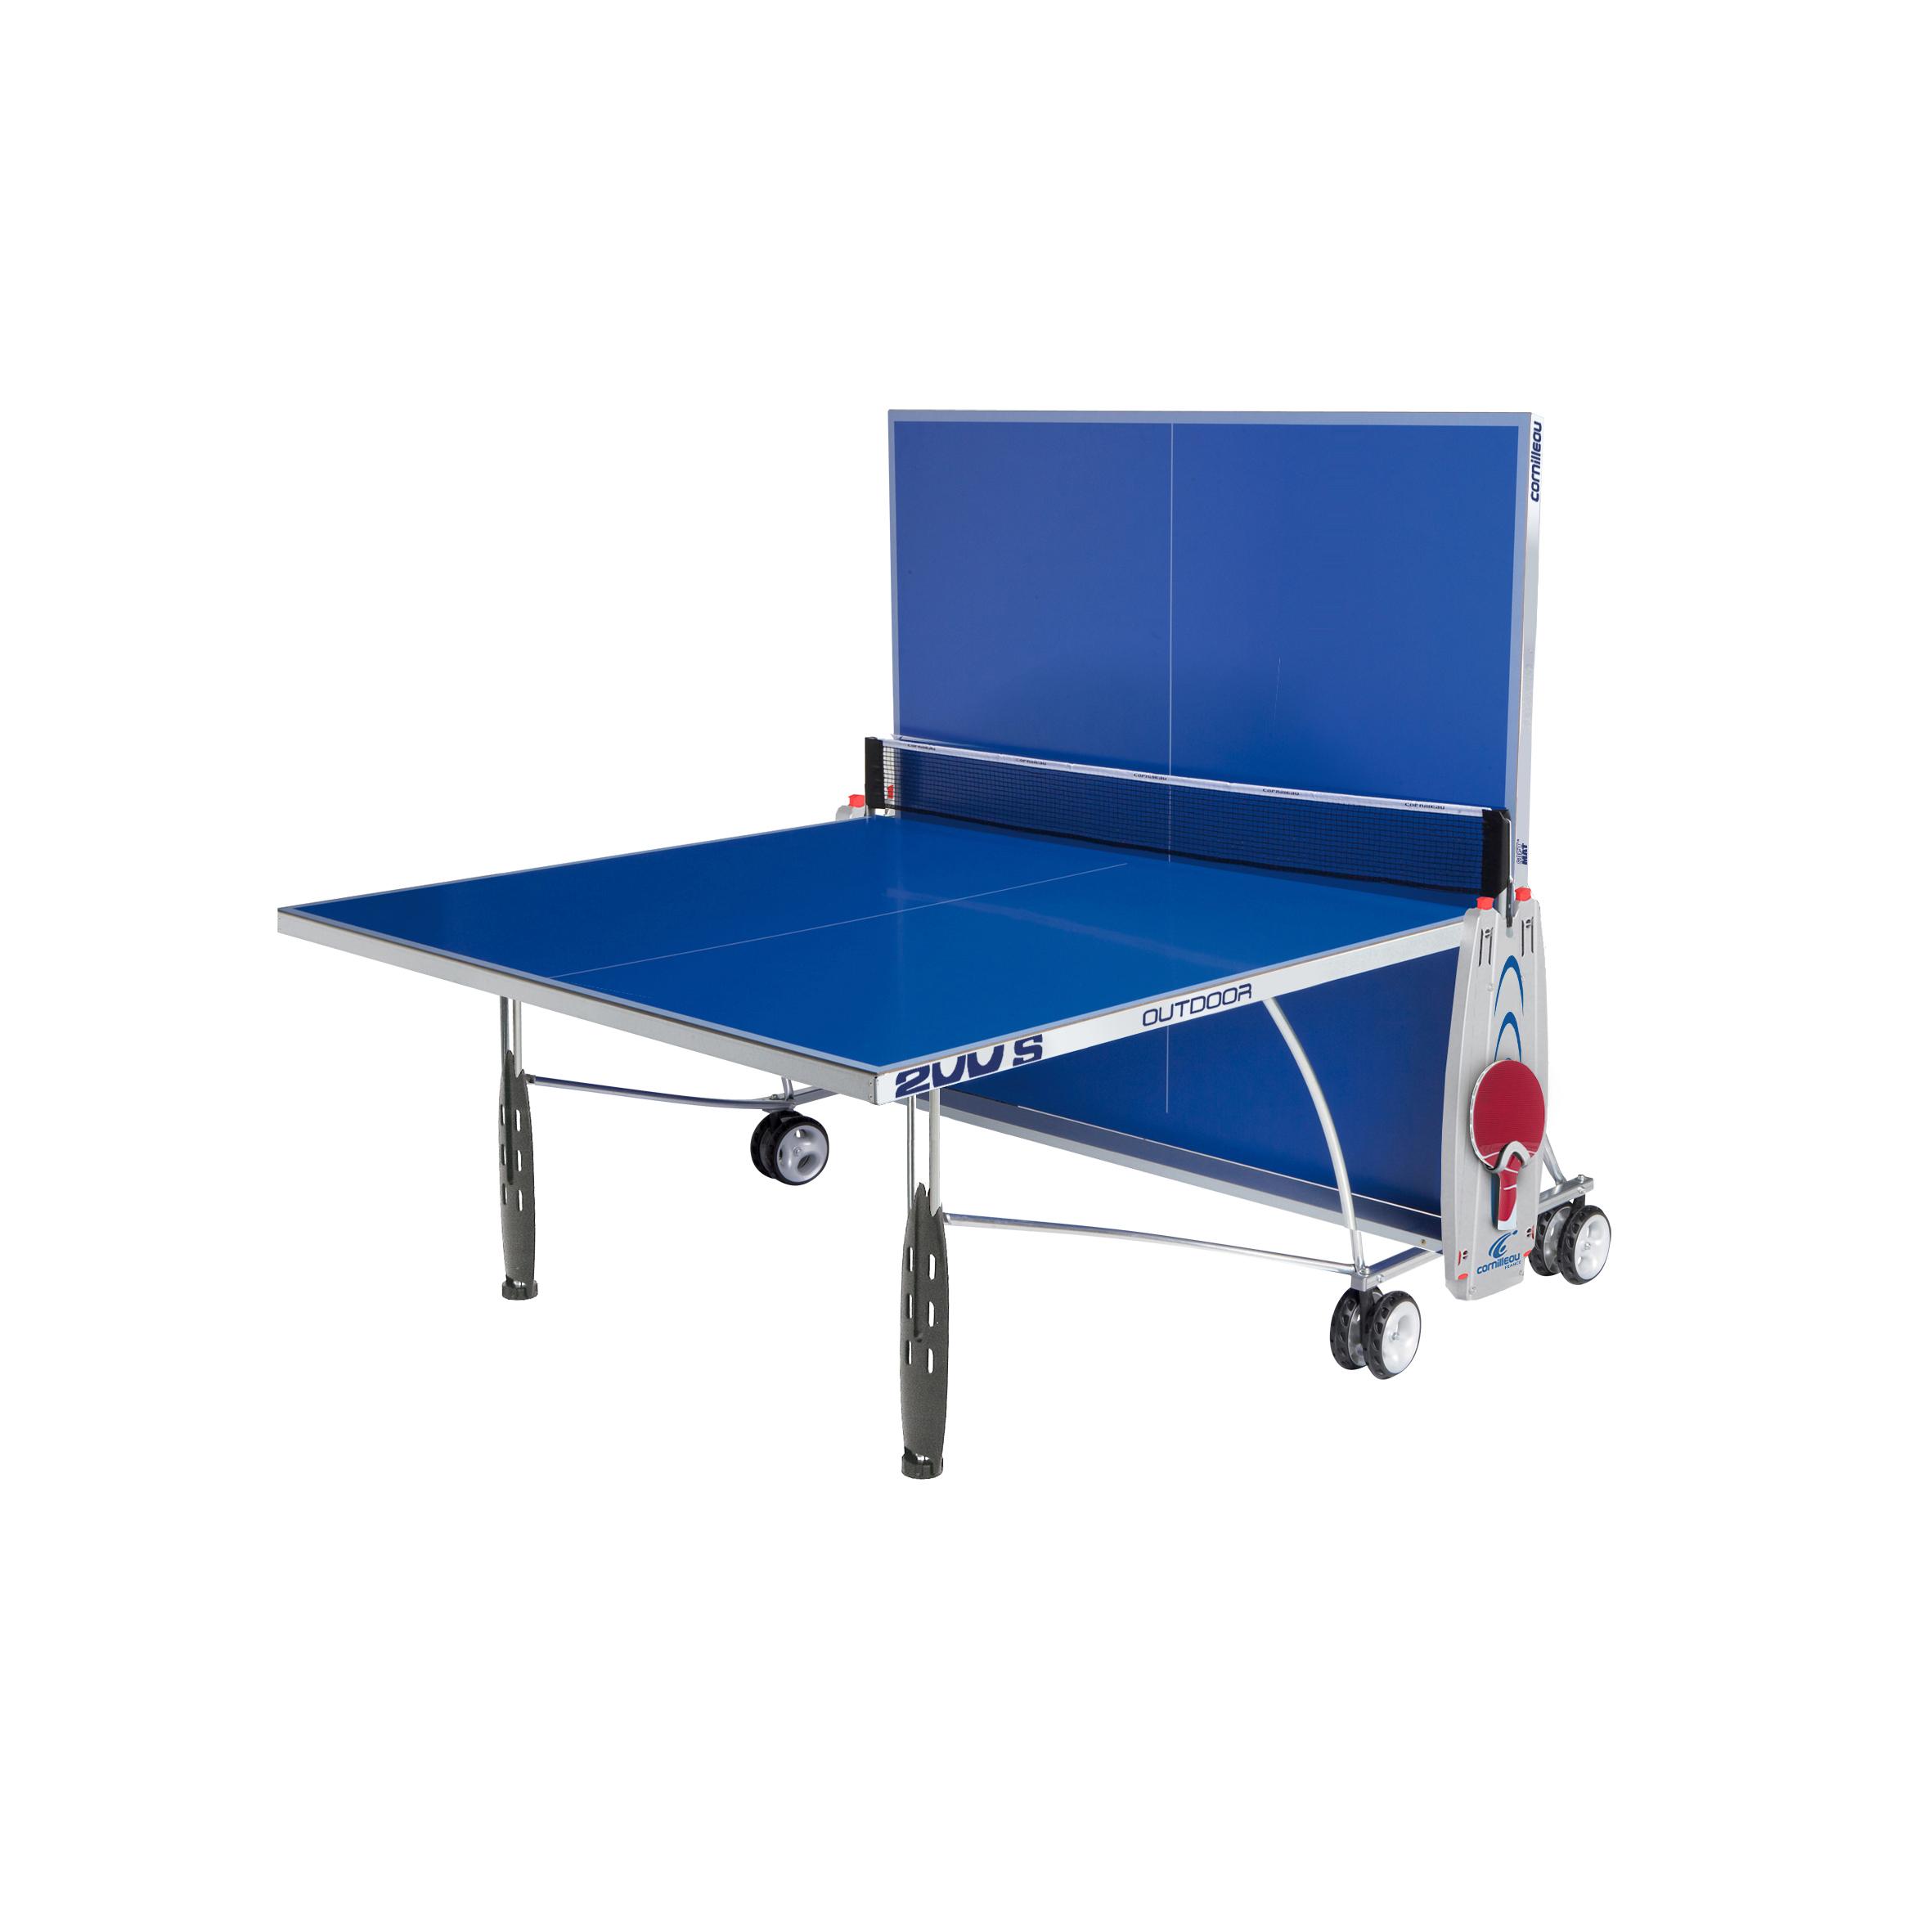 Cornilleau 200 s outdoor opinioni e prezzi - Tavolo da ping pong amazon ...